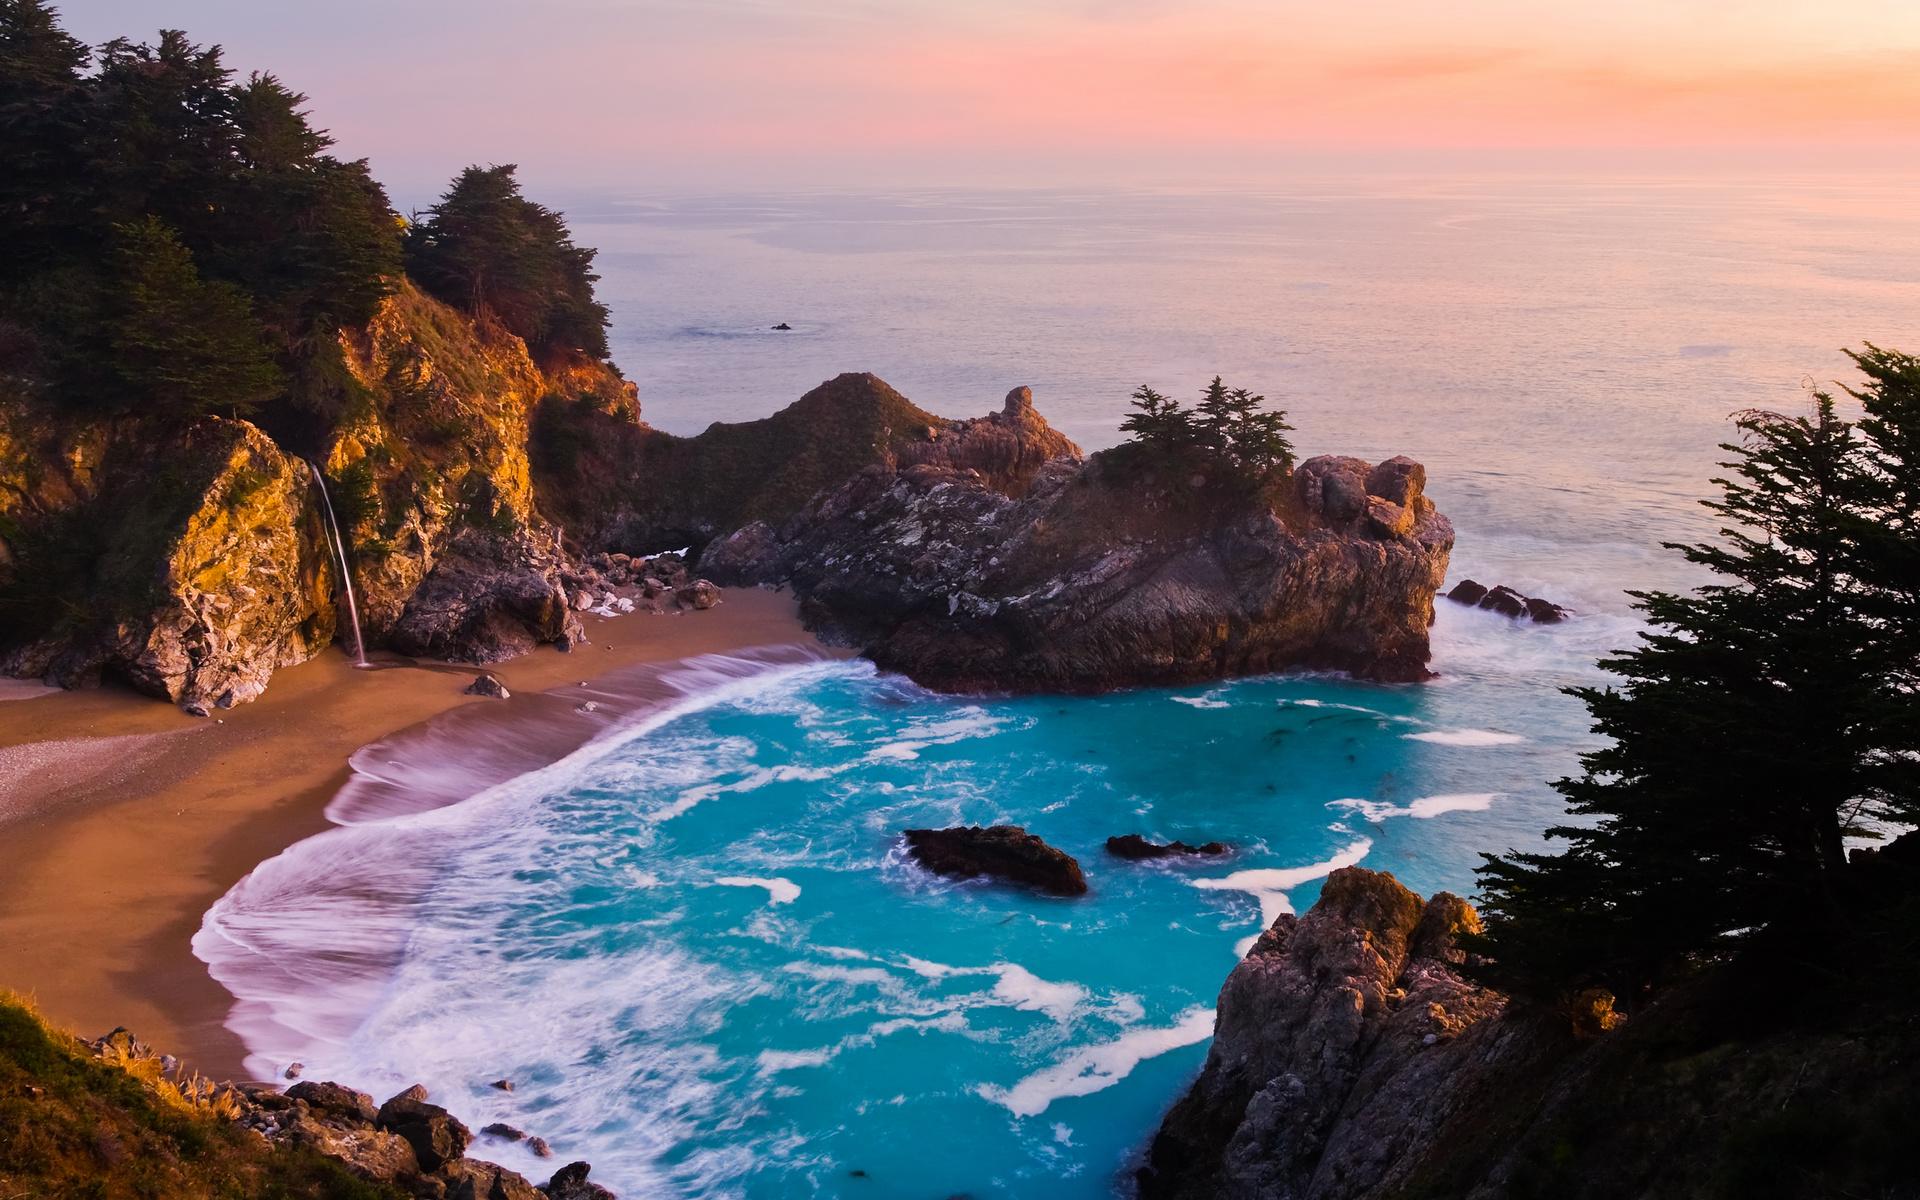 побывал такой фото смотреть качественное на морях вечерело